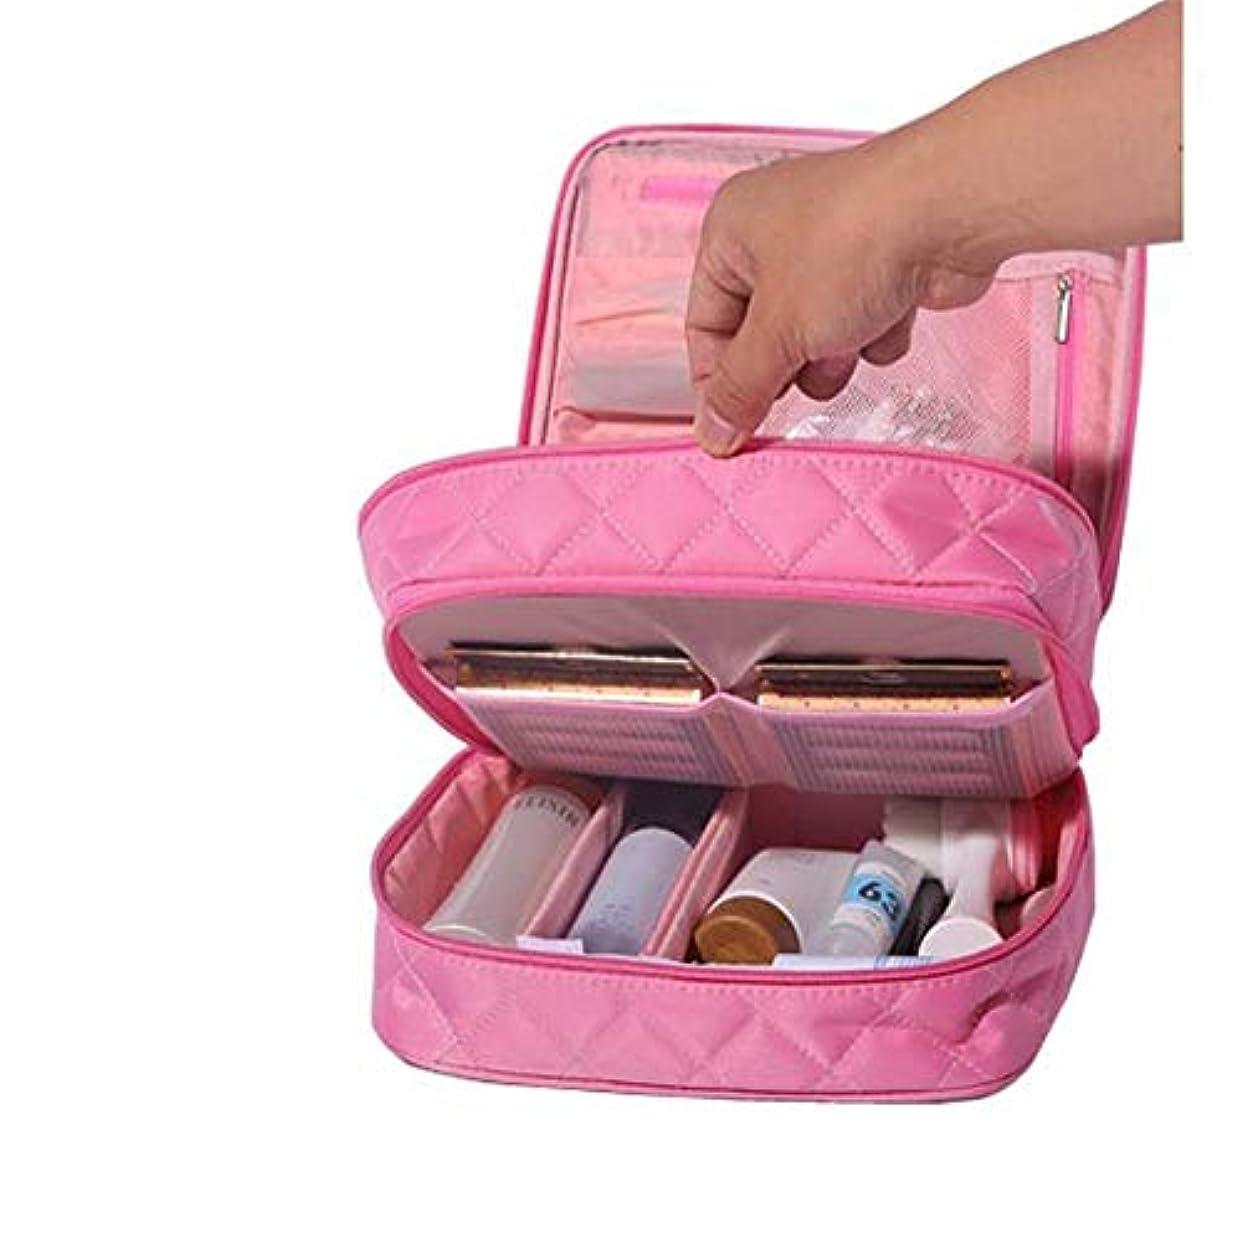 肘隠すズームインする特大スペース収納ビューティーボックス 化粧品袋、携帯用旅行化粧品の箱、化粧品の箱、収納箱、調節可能なディバイダーが付いている小型化粧の電車箱、化粧品の化粧筆、化粧品 化粧品化粧台 (色 : ピンク)